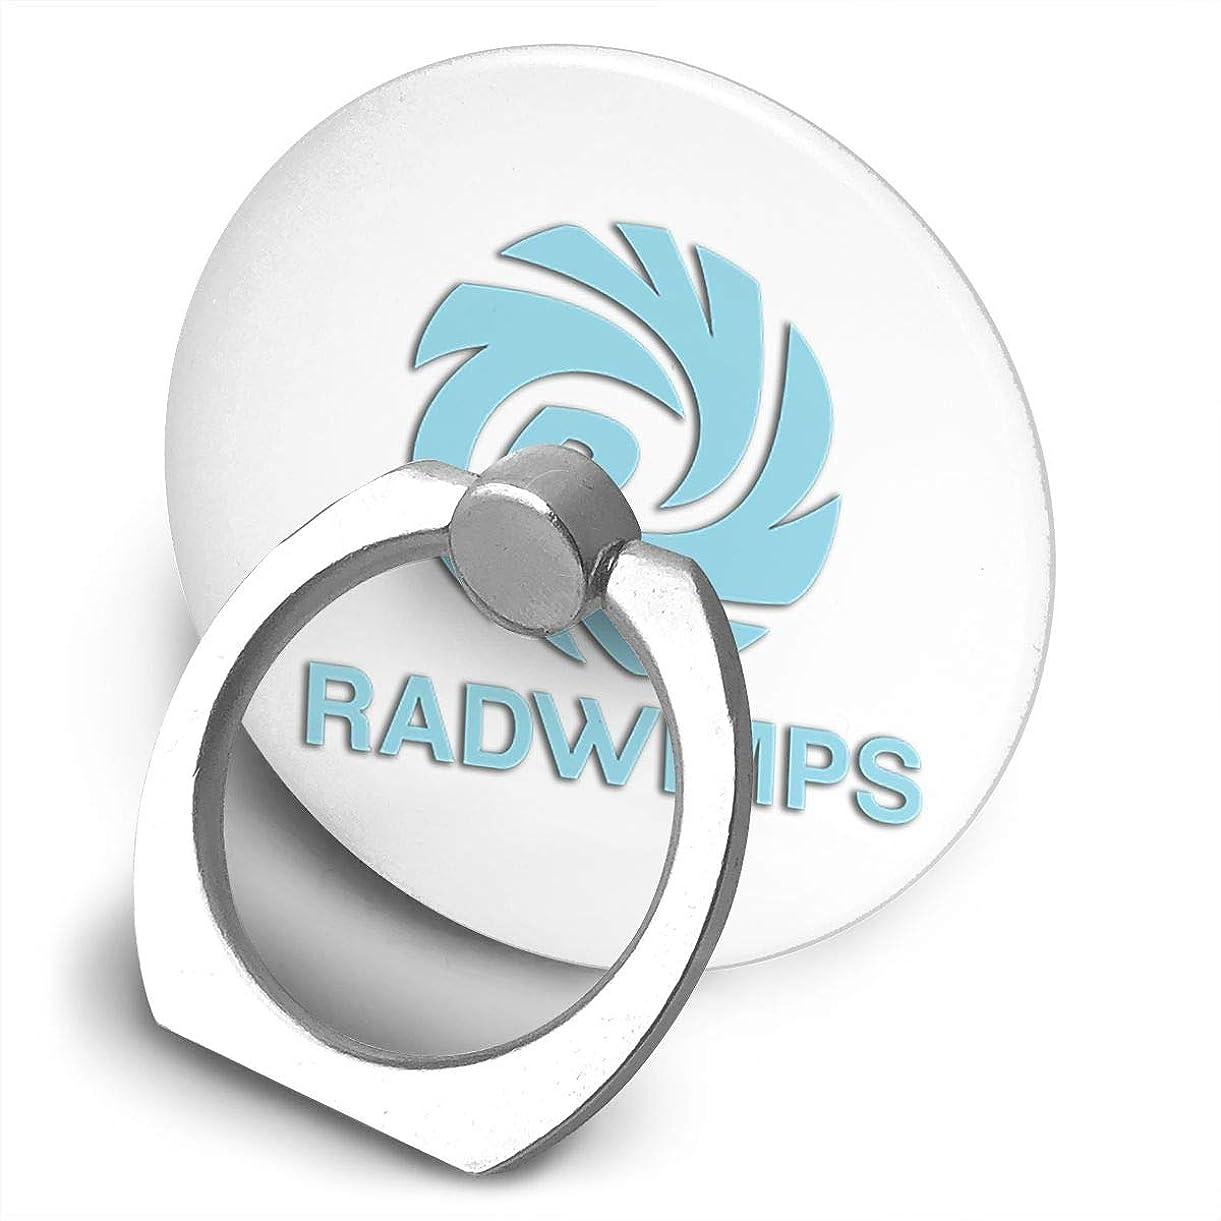 貼り直すバイオレットベックスラドウィンプ Radwimps ロゴ スマホ リング ホールドリング 指輪リング 薄型 おしゃれ スタンド機能 落下防止 360度回転 タブレット/スマホ IPhone/Android各種他対応